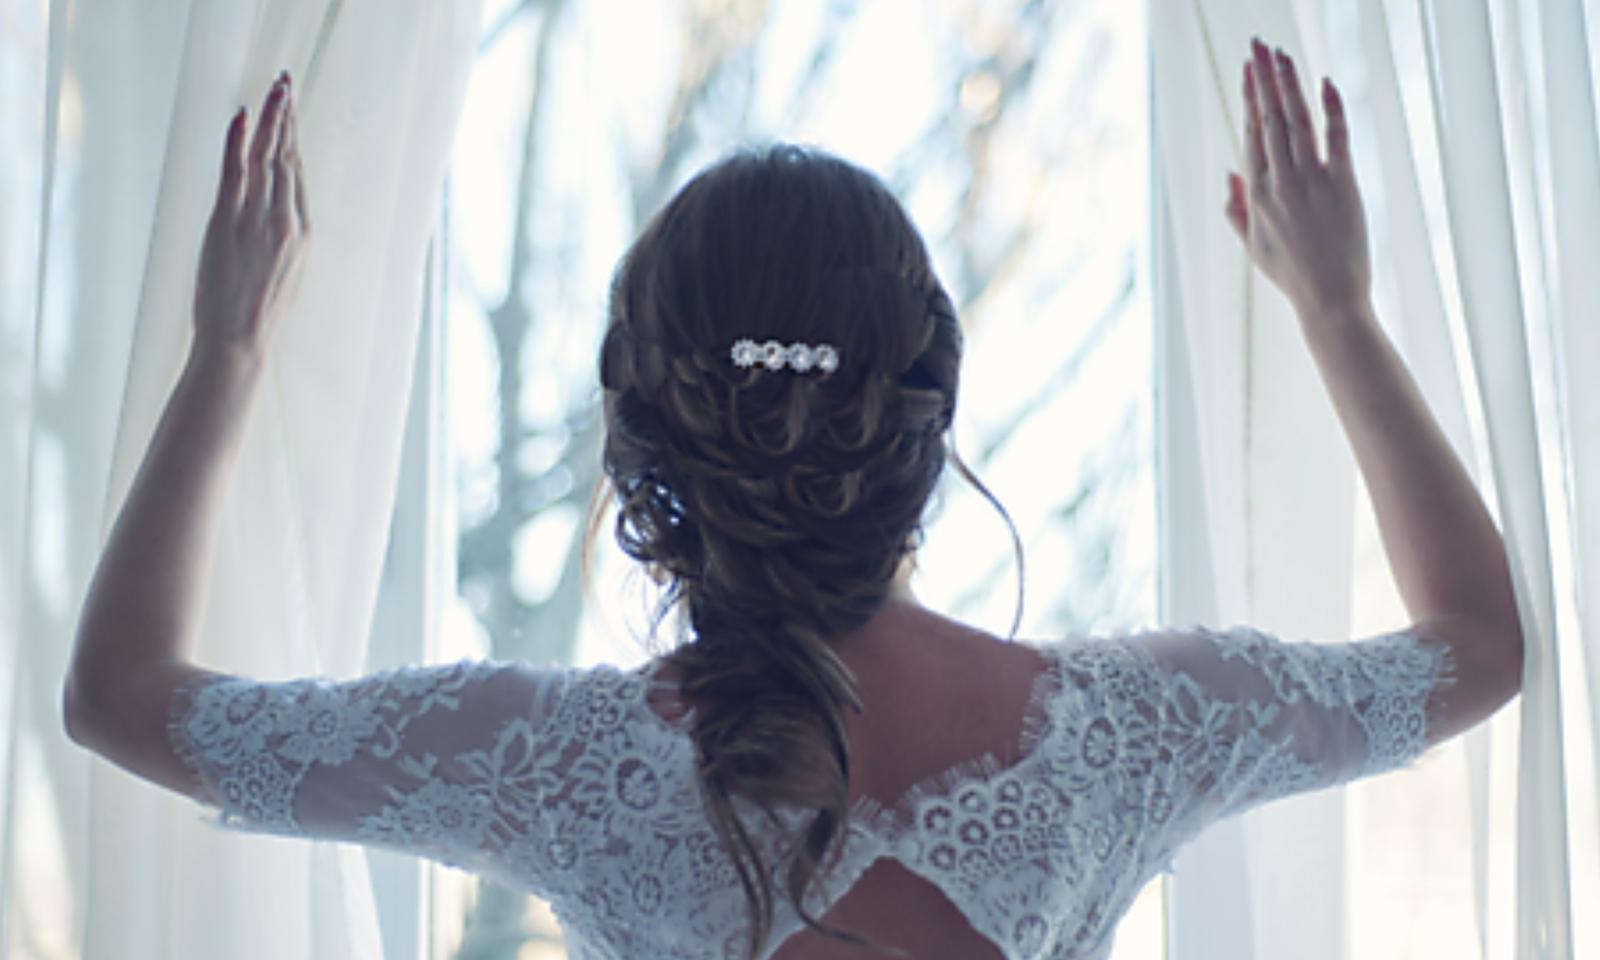 Pinetka do vlasov s kamienkami - Obrázok č. 1